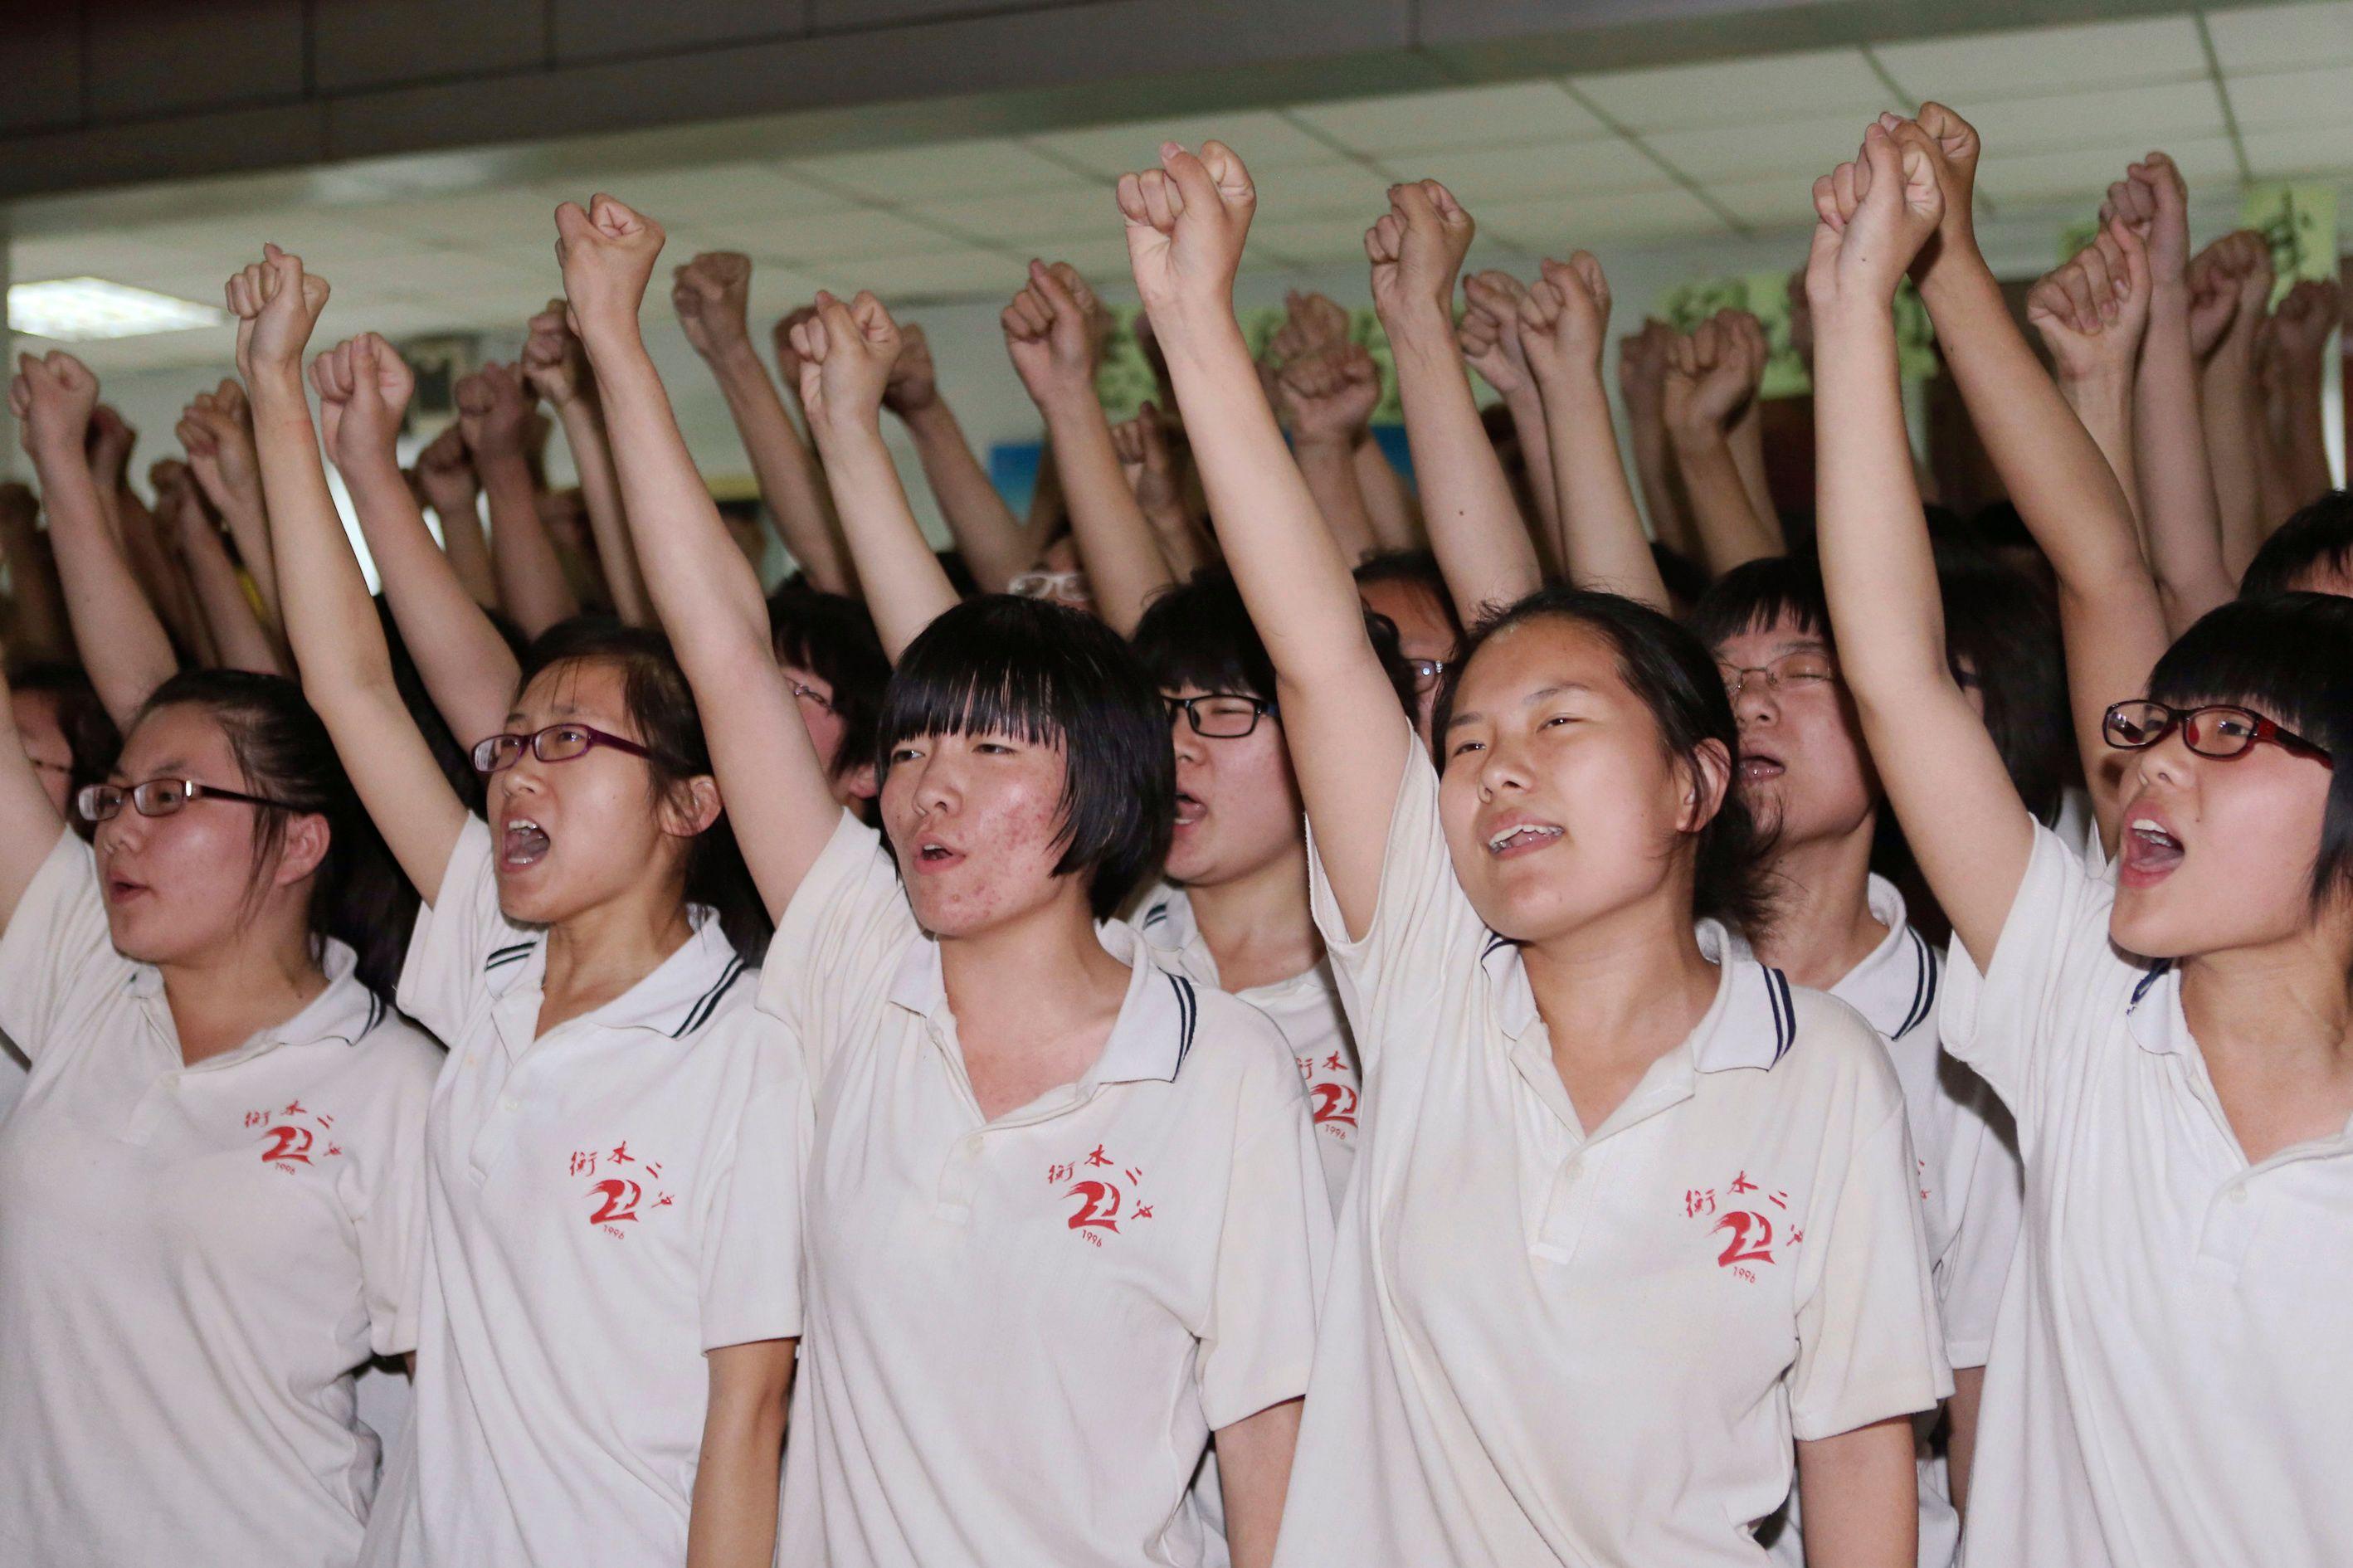 La Chine risque de connaître une crise démographique.